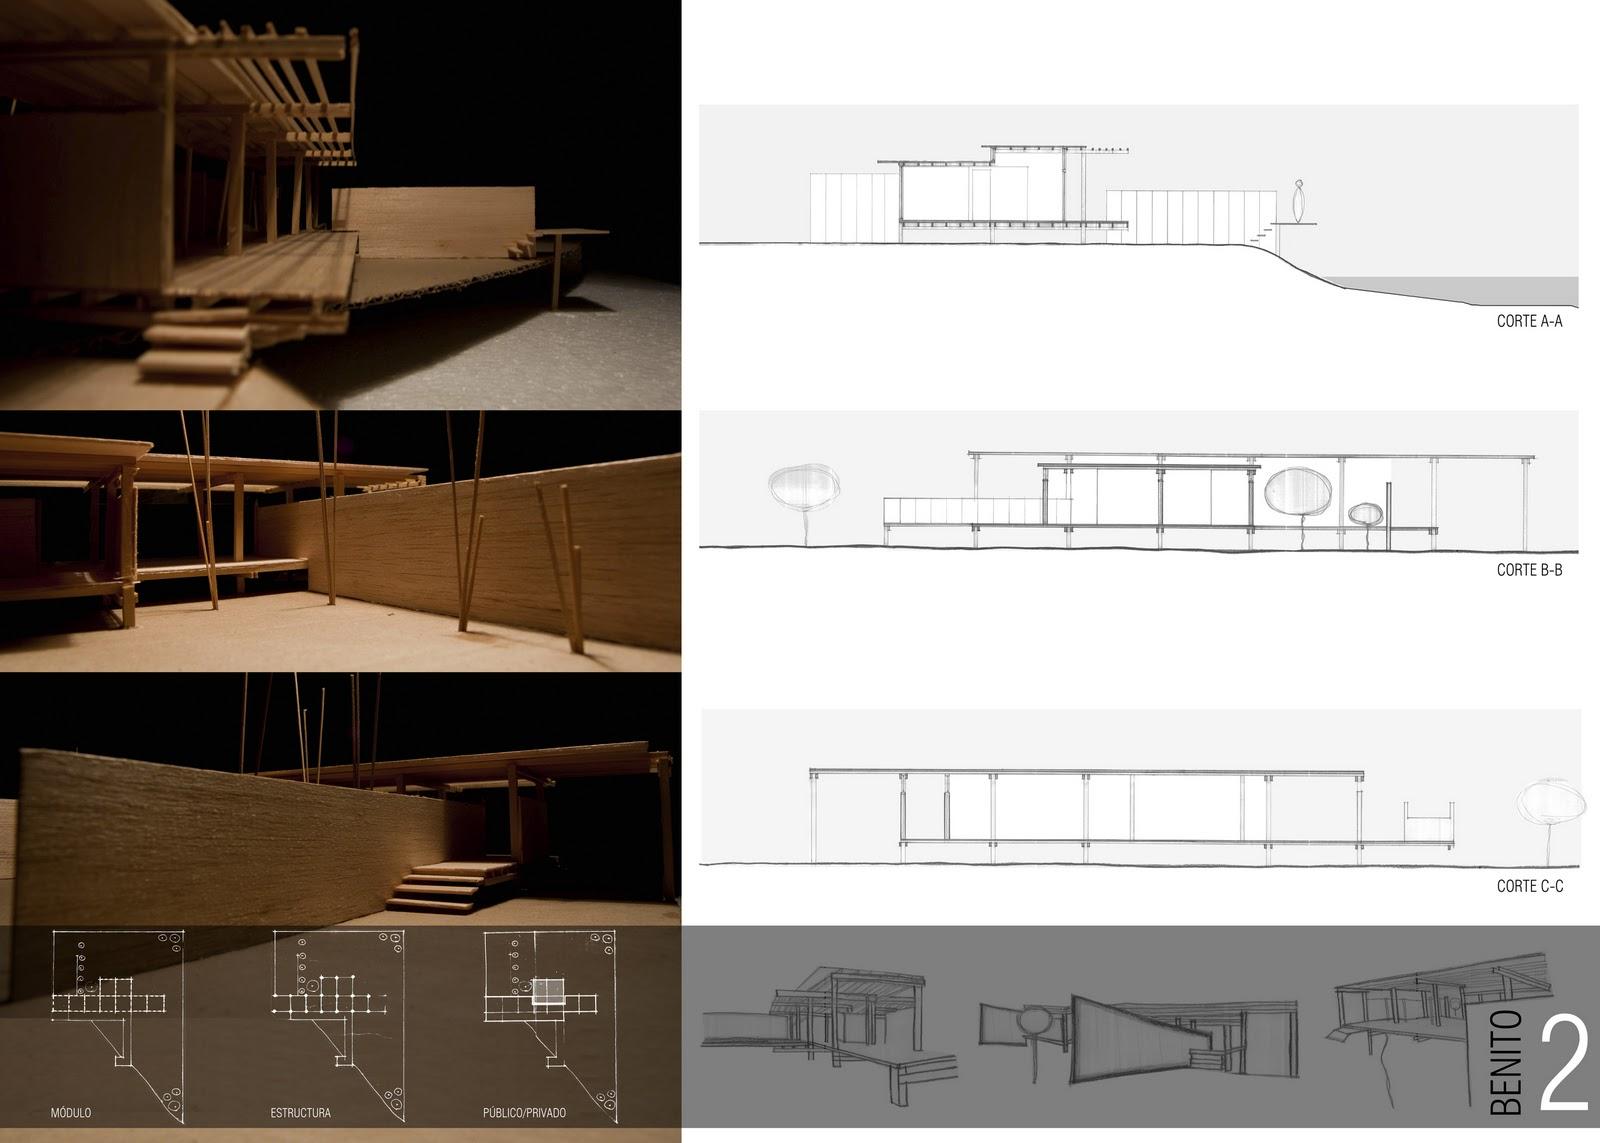 Arquitectura 1 agg panel de arquisur de macarena corries - Agg arquitectura ...